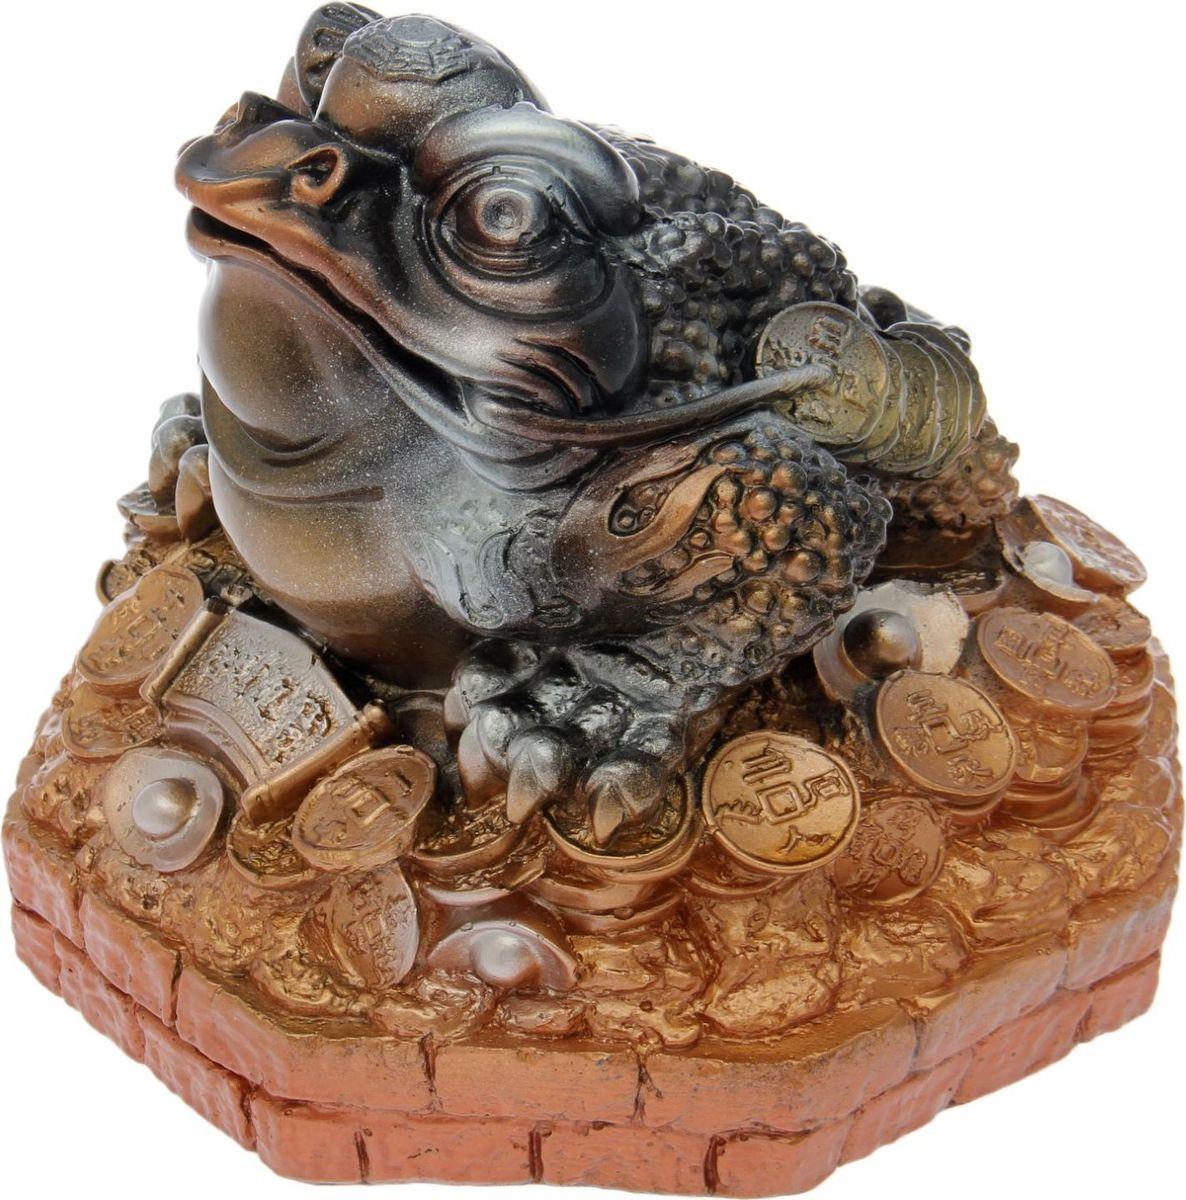 Копилка Premium Gips Денежная жаба, 26 х 26 х 21 см1184671Хотите накопить на свою заветную мечту? С помощью данного изделия вы сможете сделать это без удара по бюджету! Трёхлапая жаба с монеткой во рту является очень сильным денежным талисманом, который приносит богатство, финансовую удачу и процветание. Иногда это животное используют как символ долголетия, потому что некоторые их виды живут до 40 лет.Согласно фэн-шуй, копилки с деньгами целесообразно хранить в западной или северо-западной частях помещения.